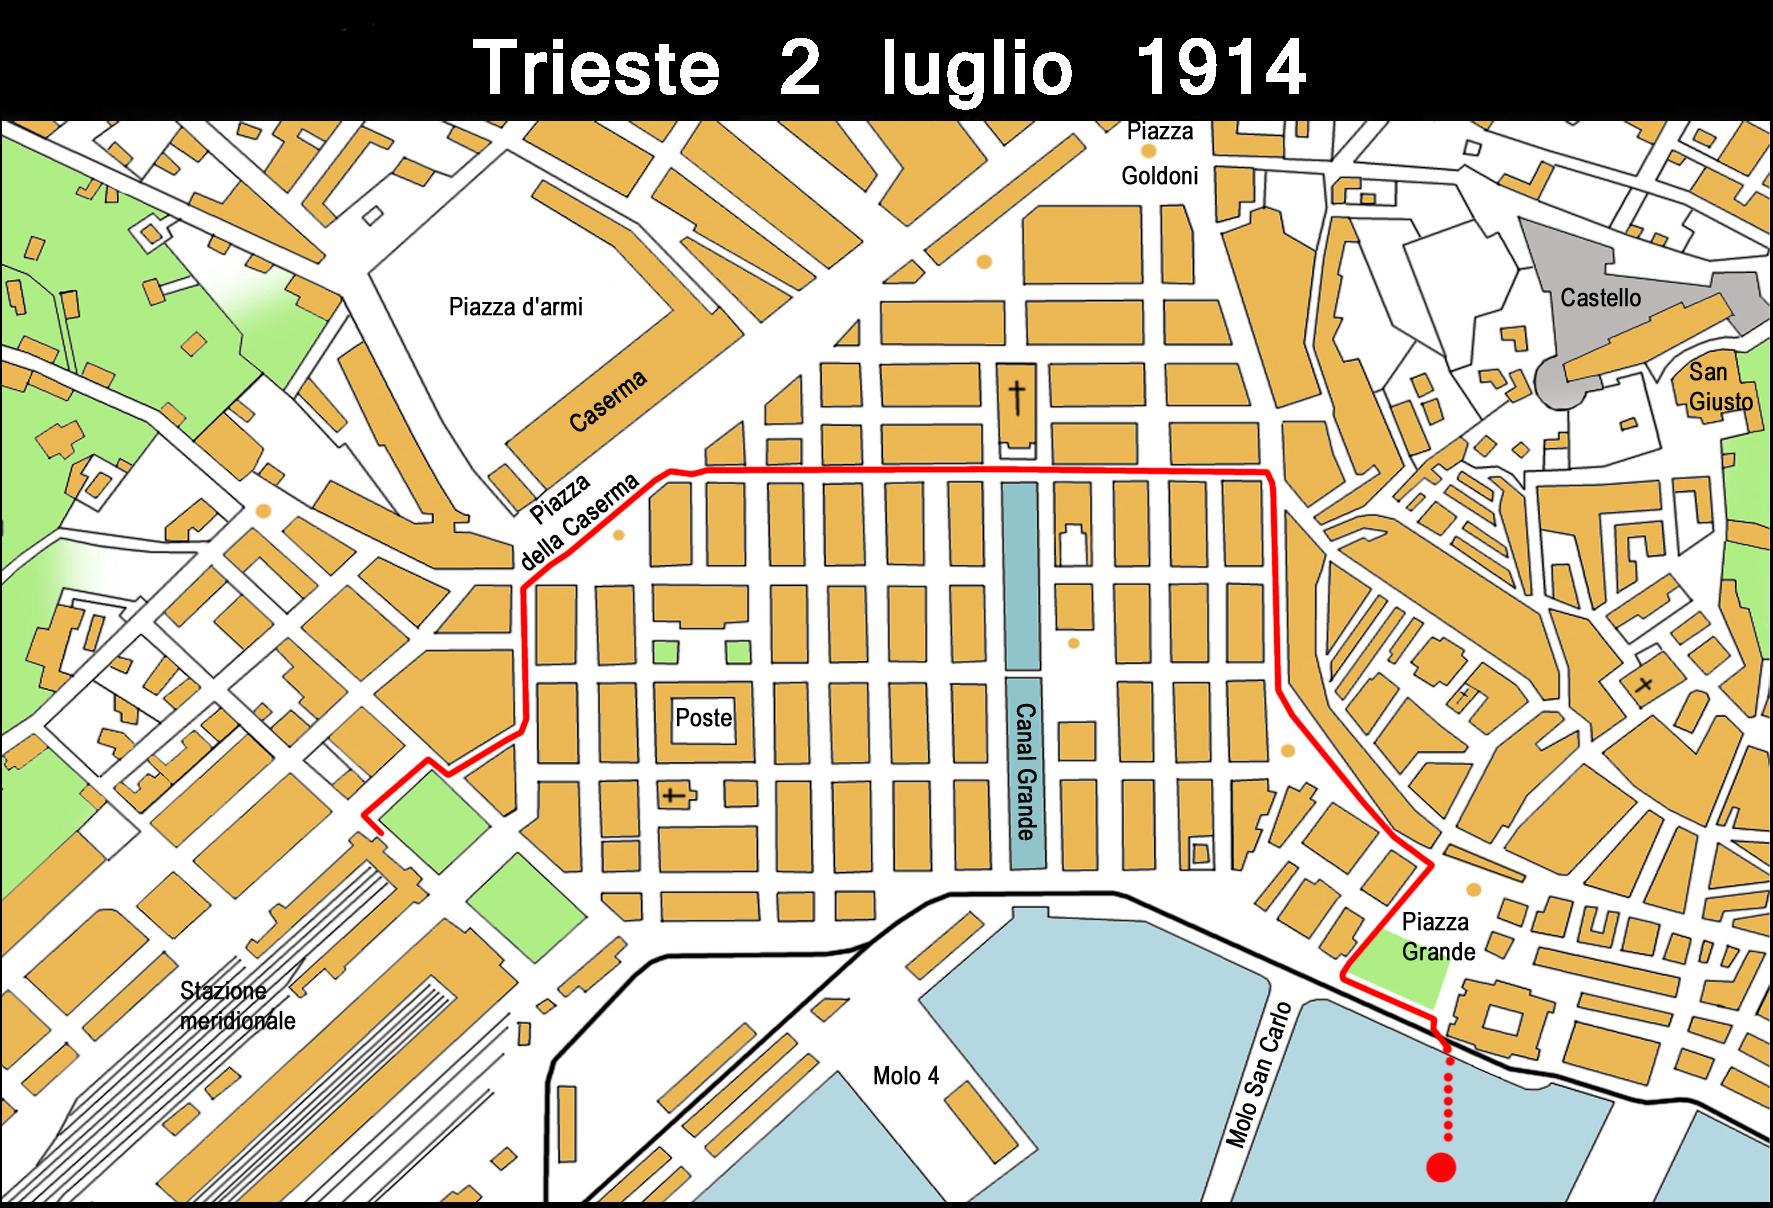 Trieste Percorso funerale